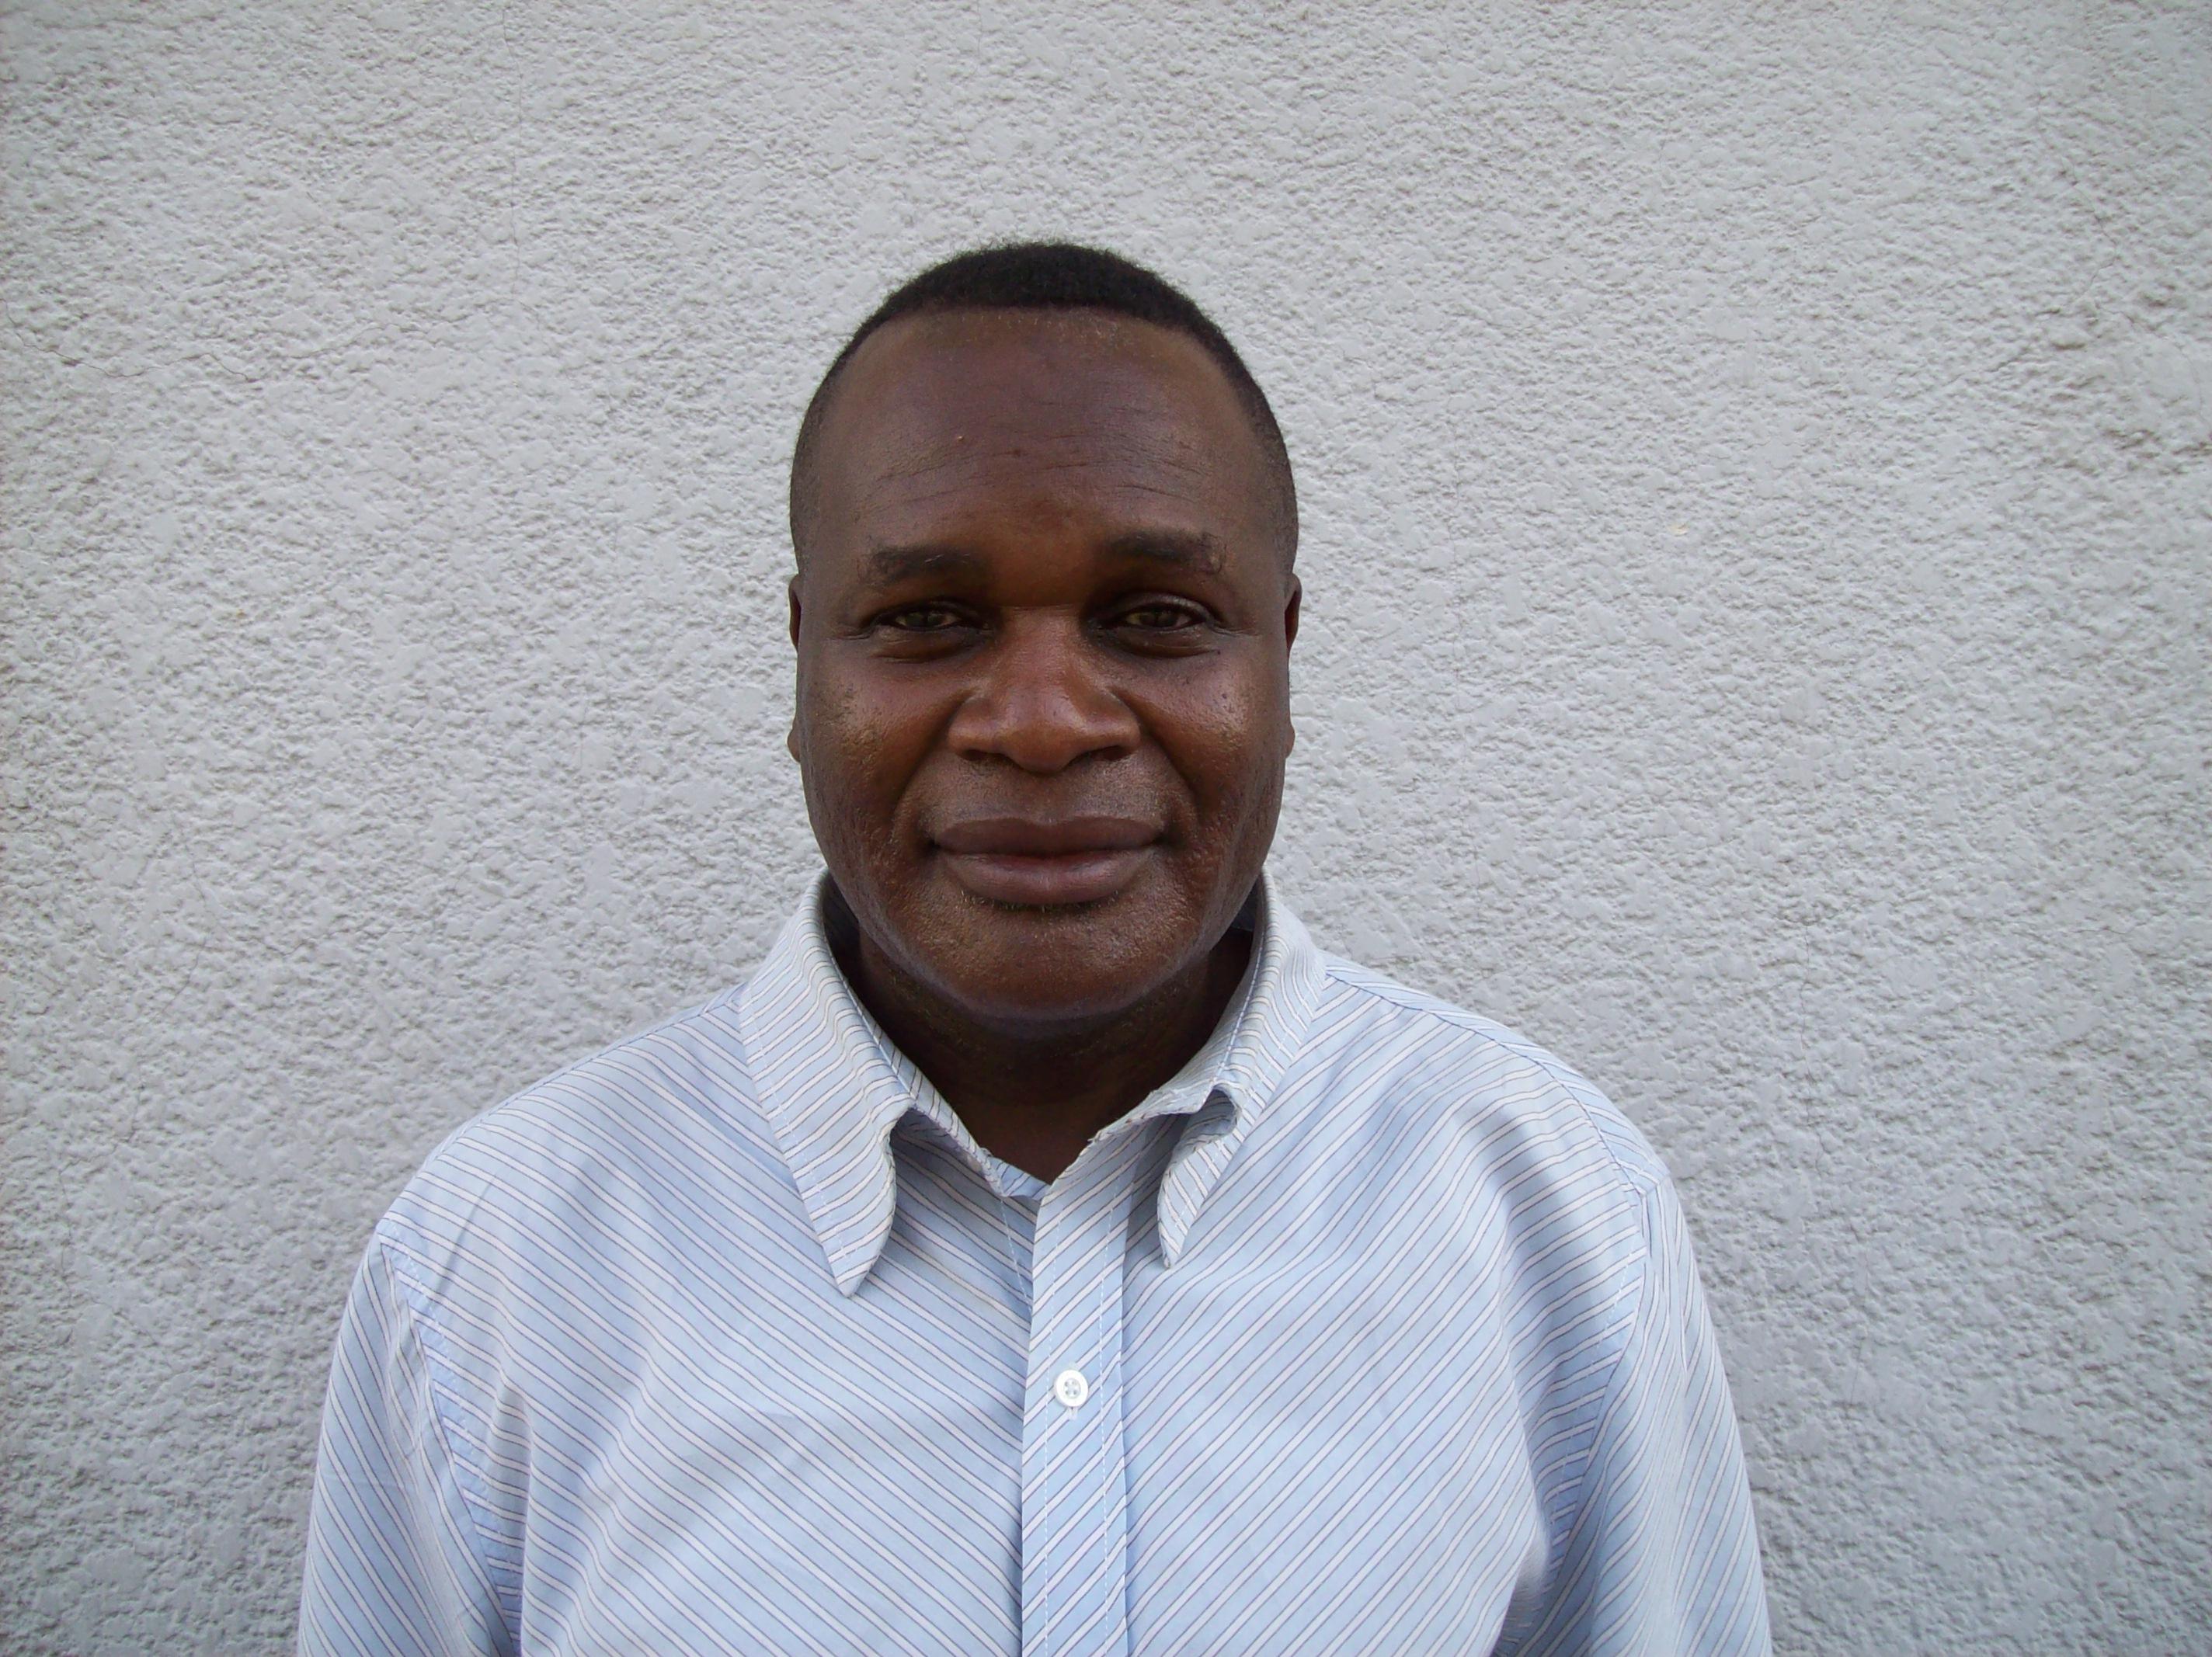 Chronique / Dépendance et indépendance de l'Afrique subsaharienne : quelques leçons de la période postcoloniale